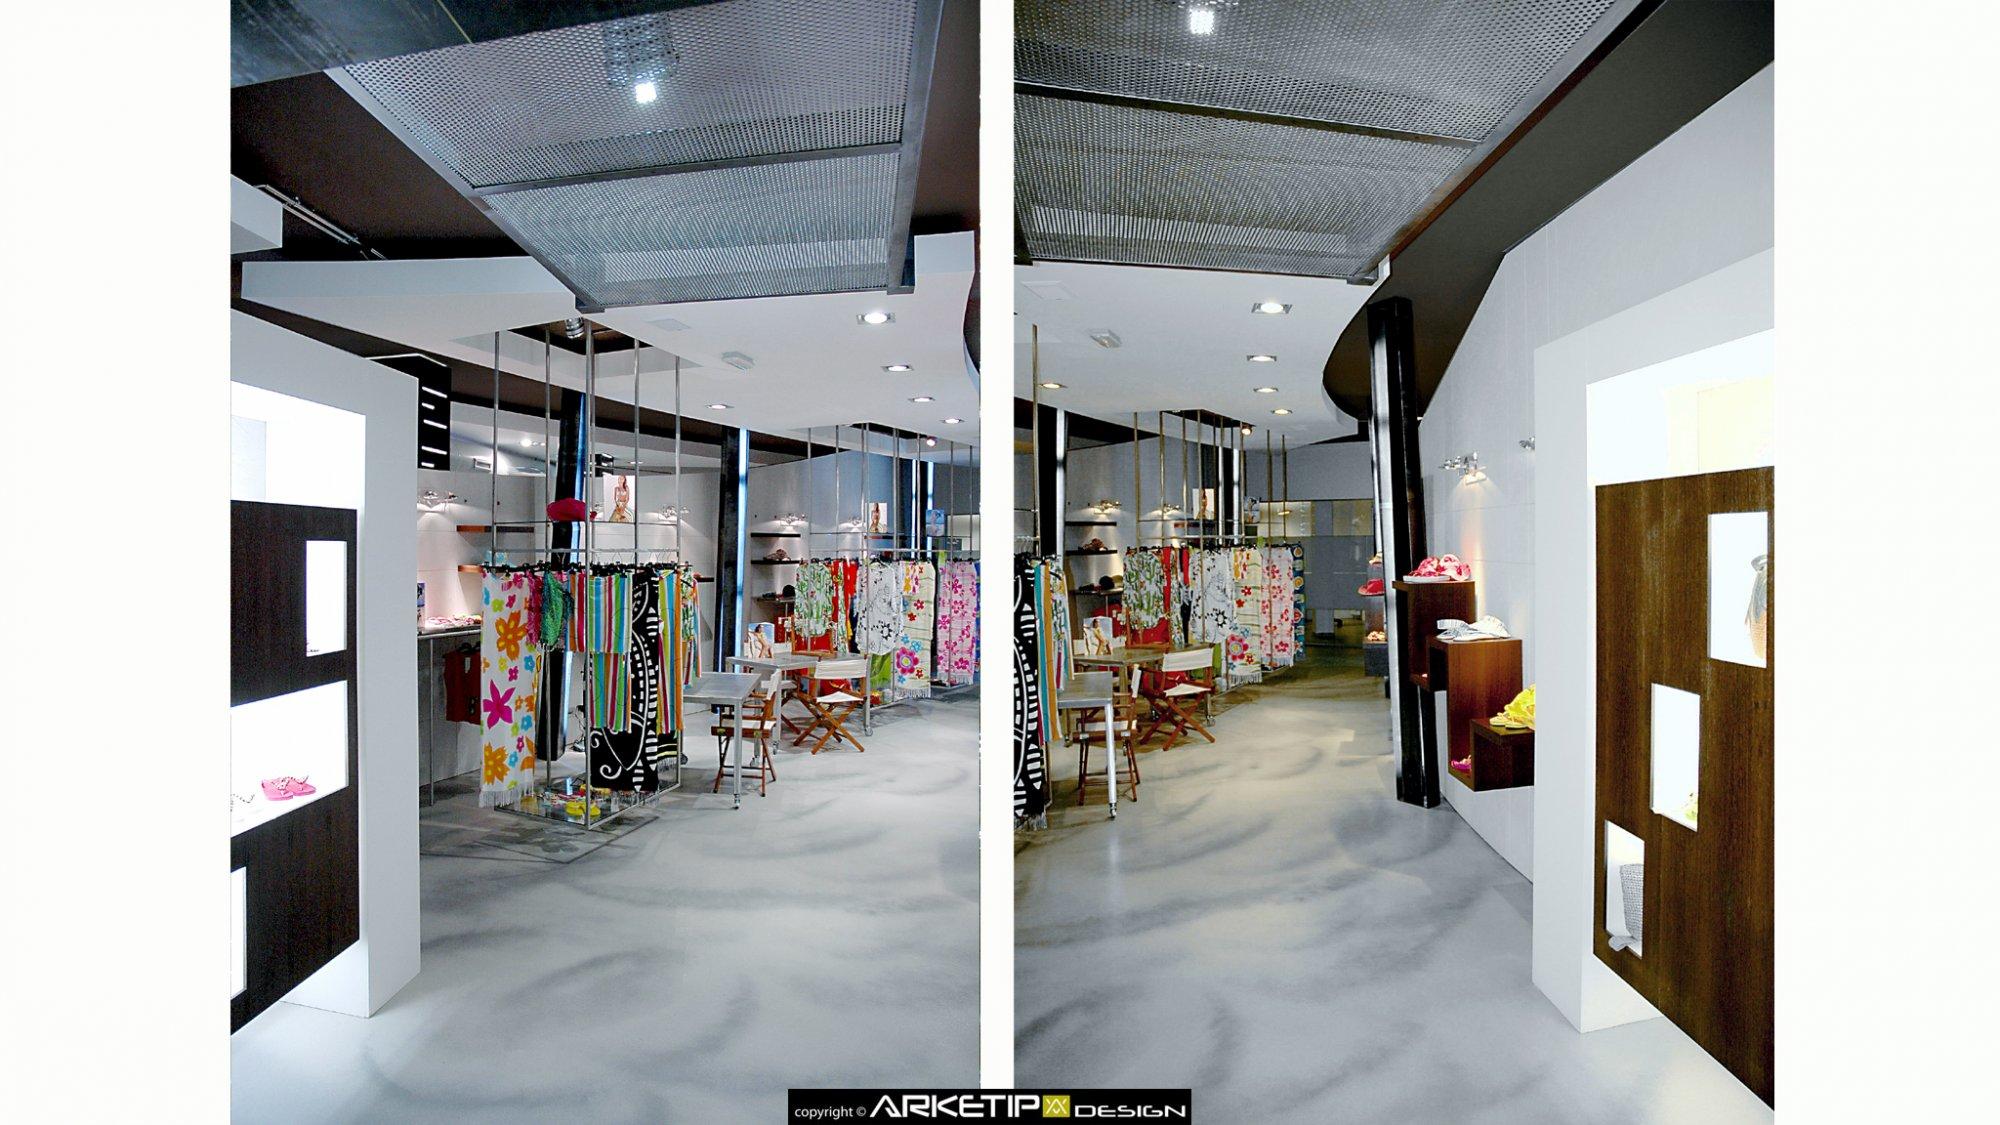 Arredamento negozio abbigliamento brekka milano for Showroom milano arredamento